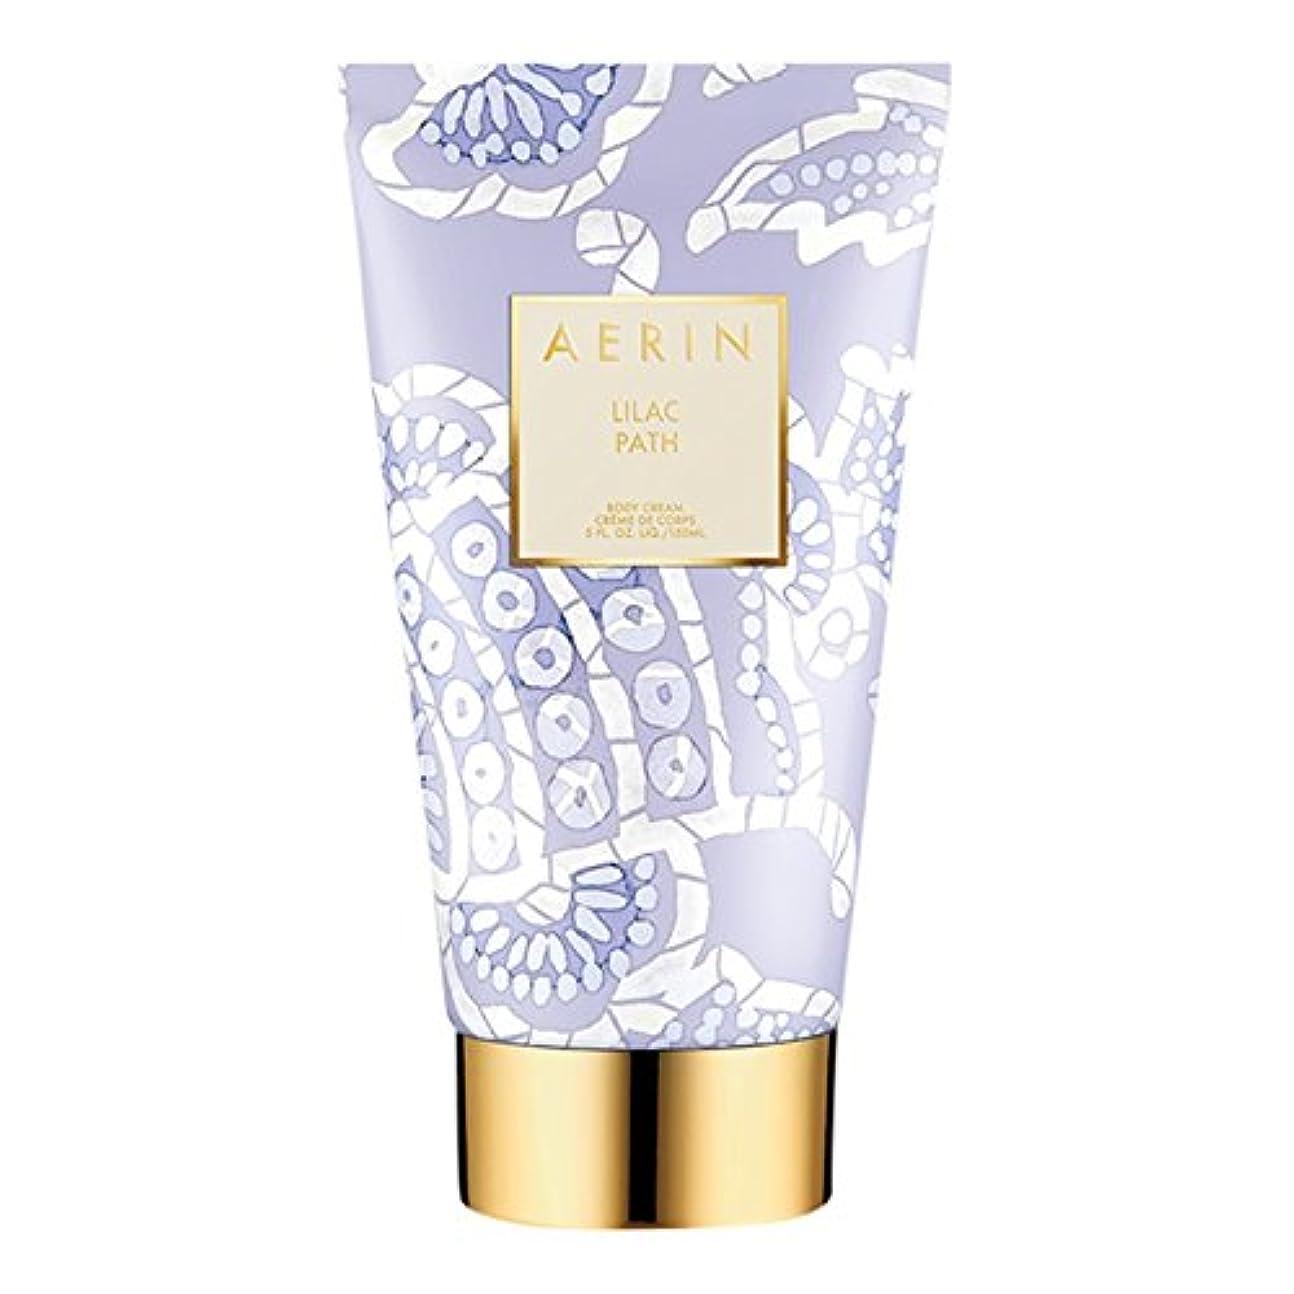 肥満現実町Aerinライラックパスボディクリーム150ミリリットル (AERIN) (x2) - AERIN Lilac Path Body Cream 150ml (Pack of 2) [並行輸入品]